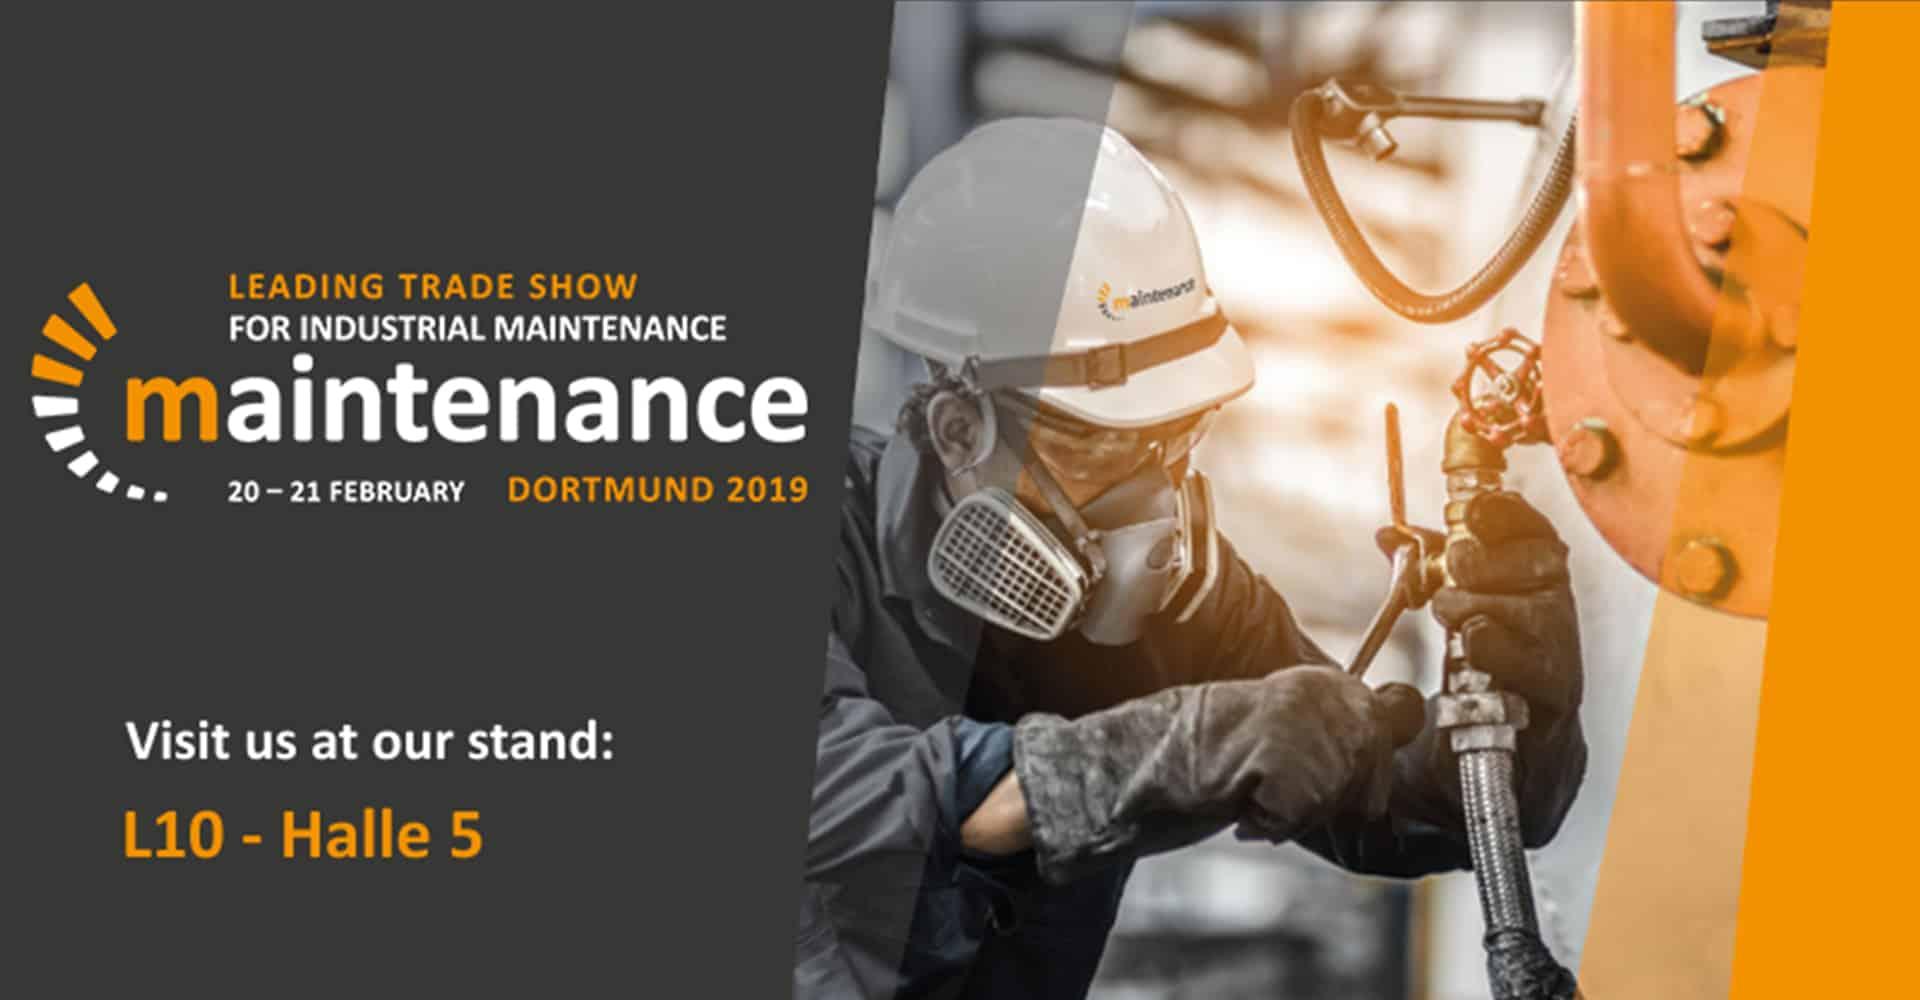 maintenance dortmund 2019